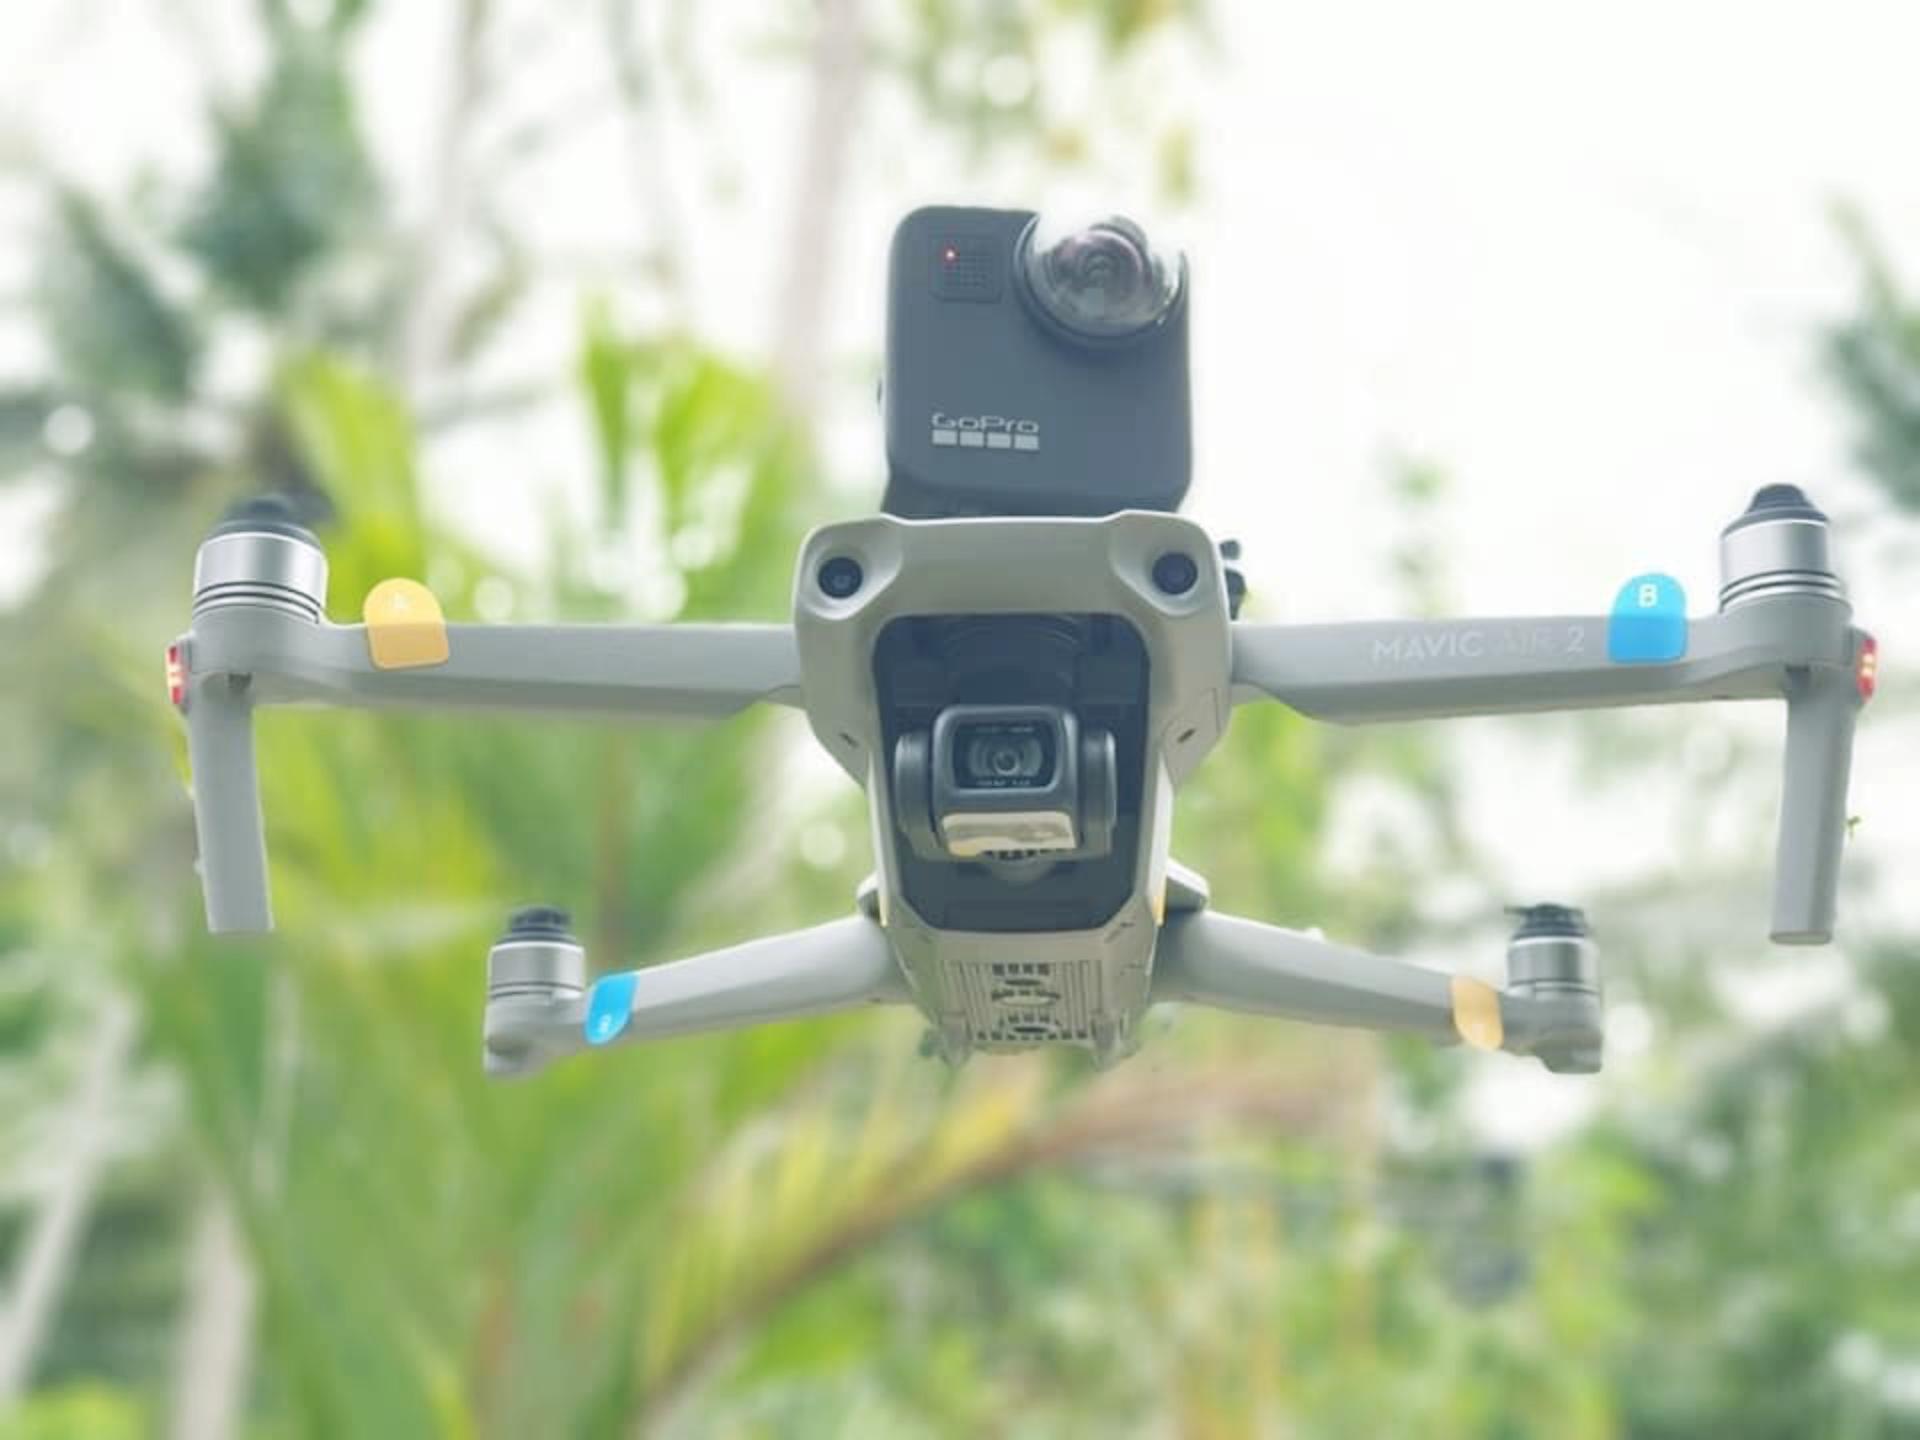 HƯỚNG DẪN LÁI DRONE CHI TIẾT TỪ A - Z 7